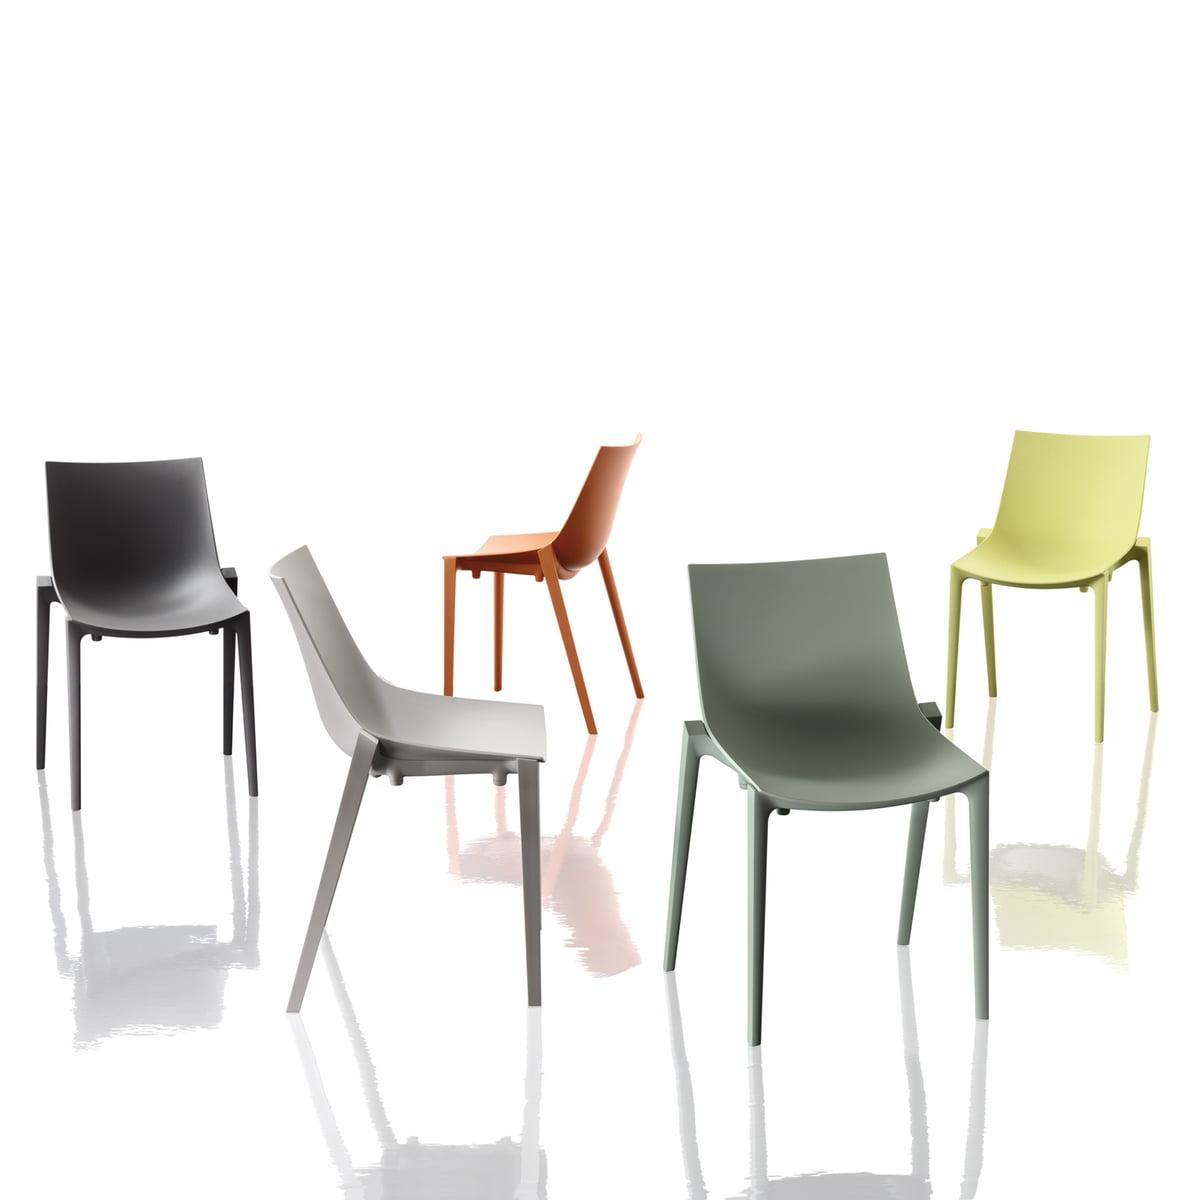 Der zartan stuhl von magis im wohndesign shop for Wohndesign shop